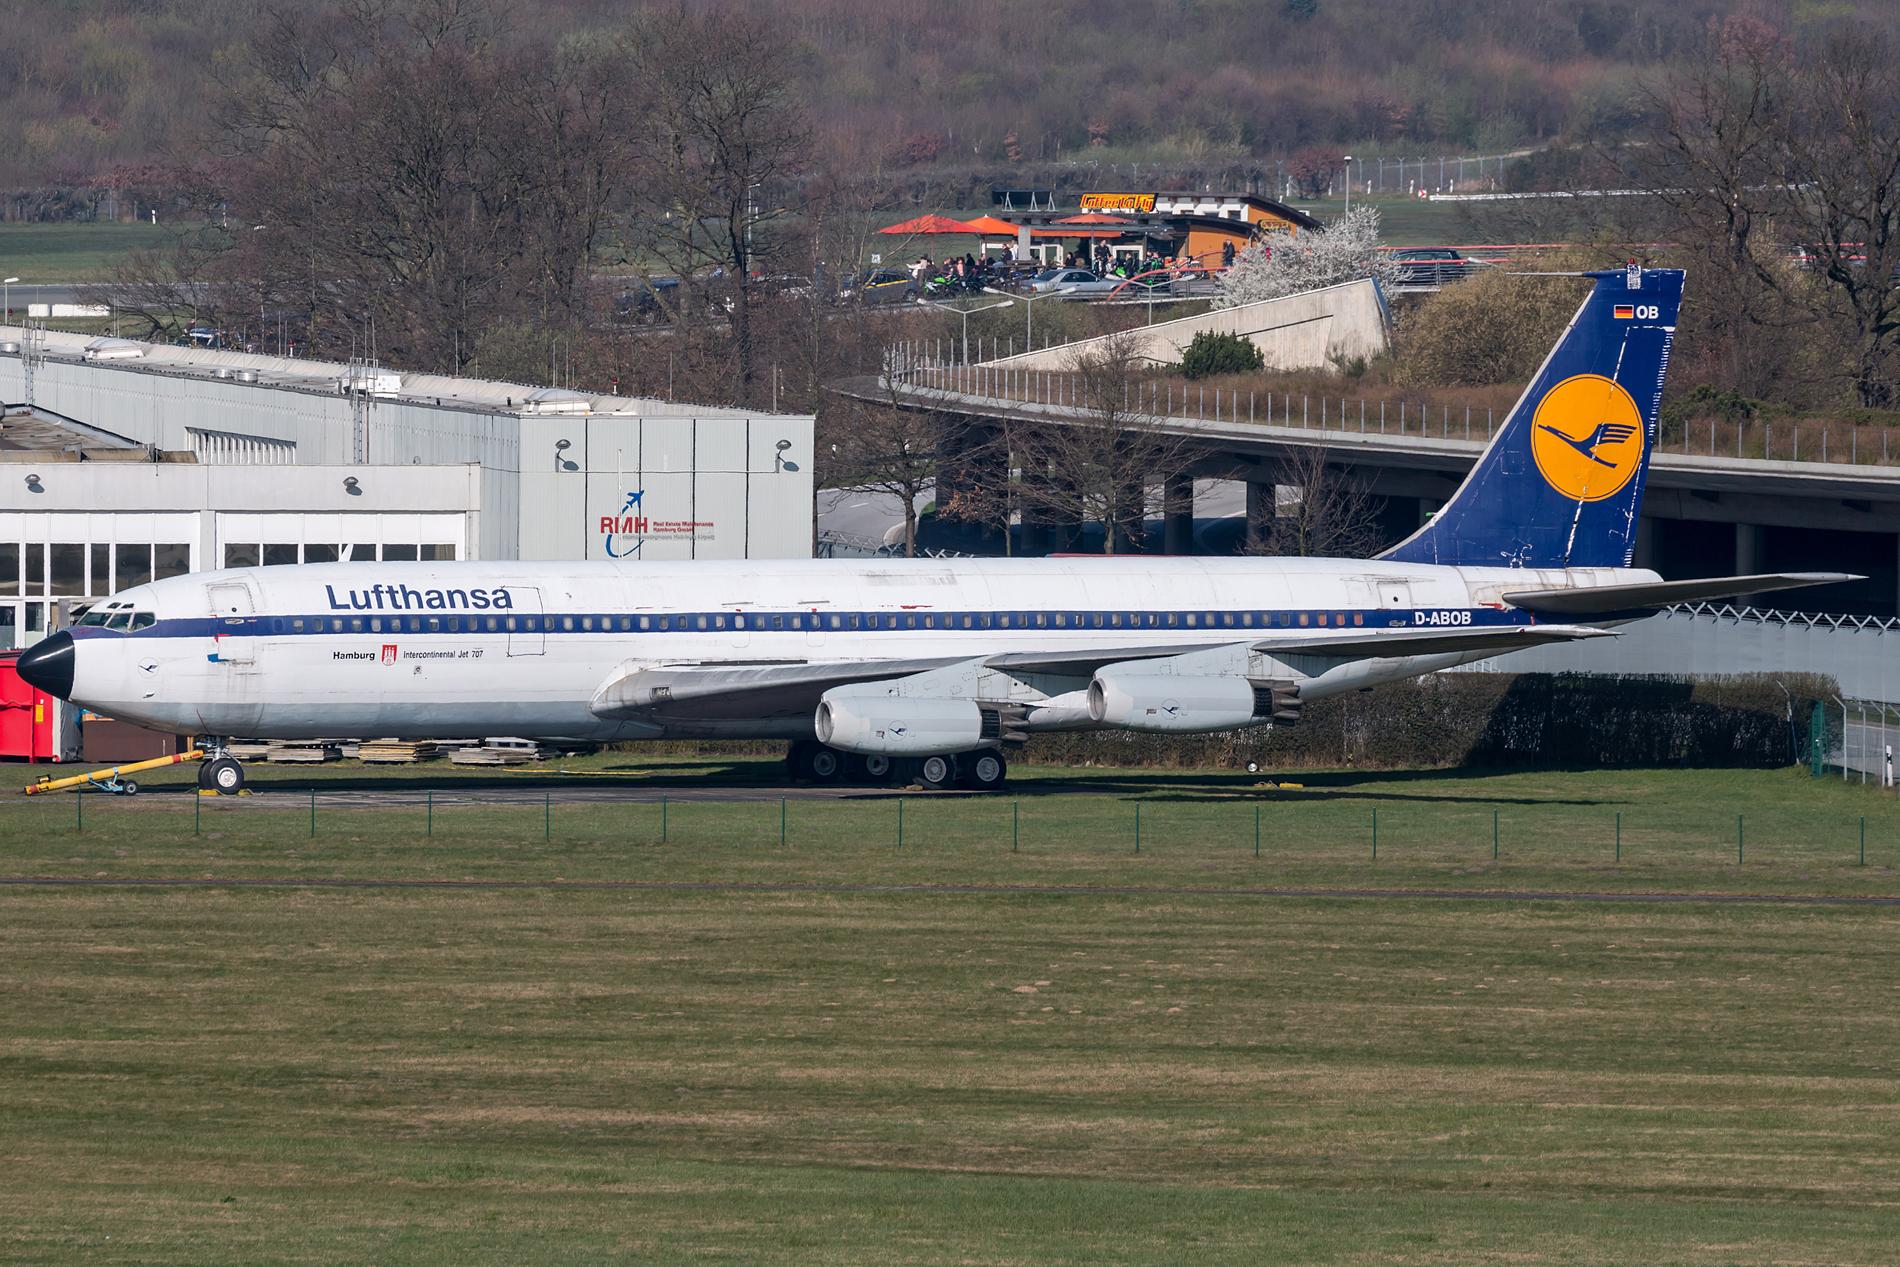 Die in Hamburg ausgestellte Boeing 707 D-ABOD aus den 1960er Jahren wird verwertet, Teile können ersteigert werden. Foto: Dirk Grothe